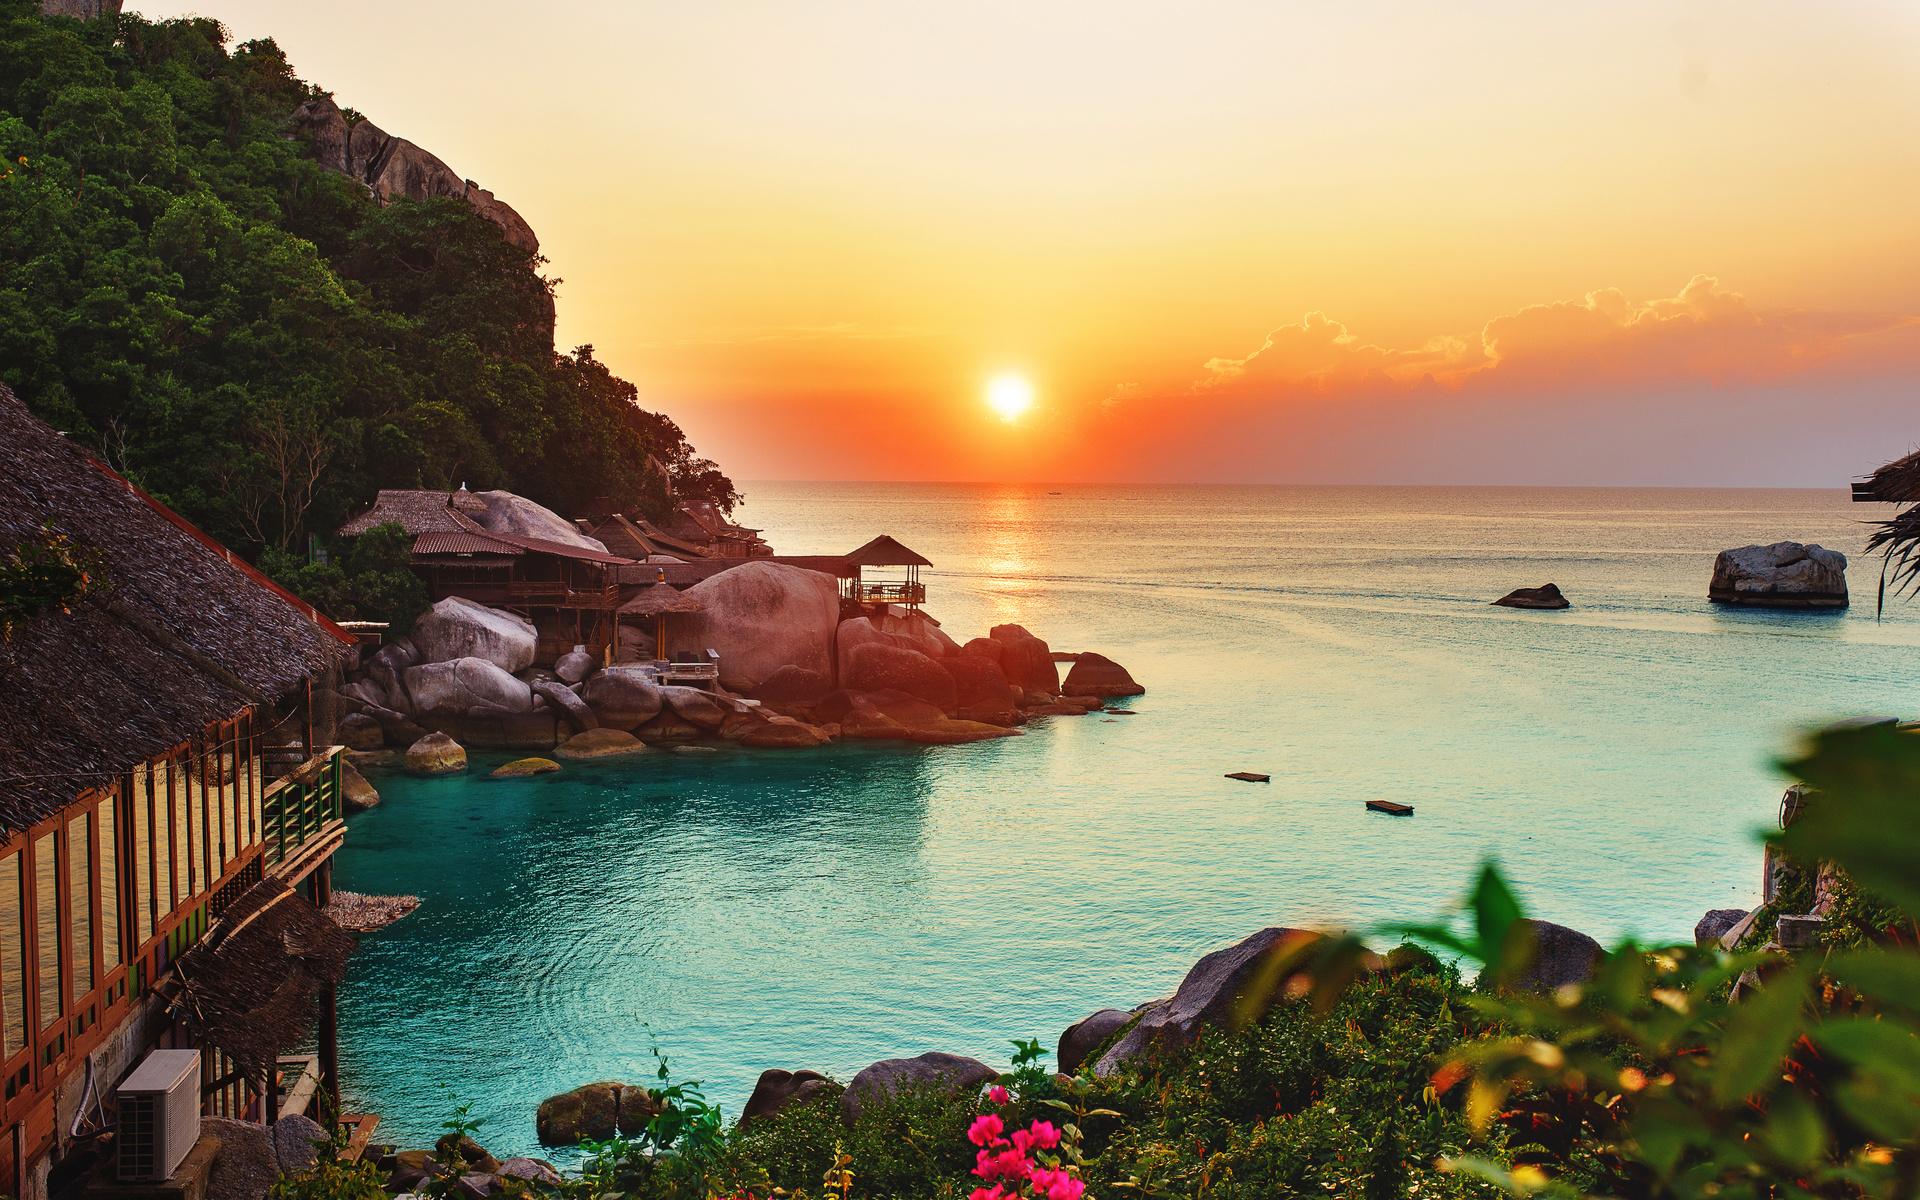 океан, горизонт, закат, пляж, растительность